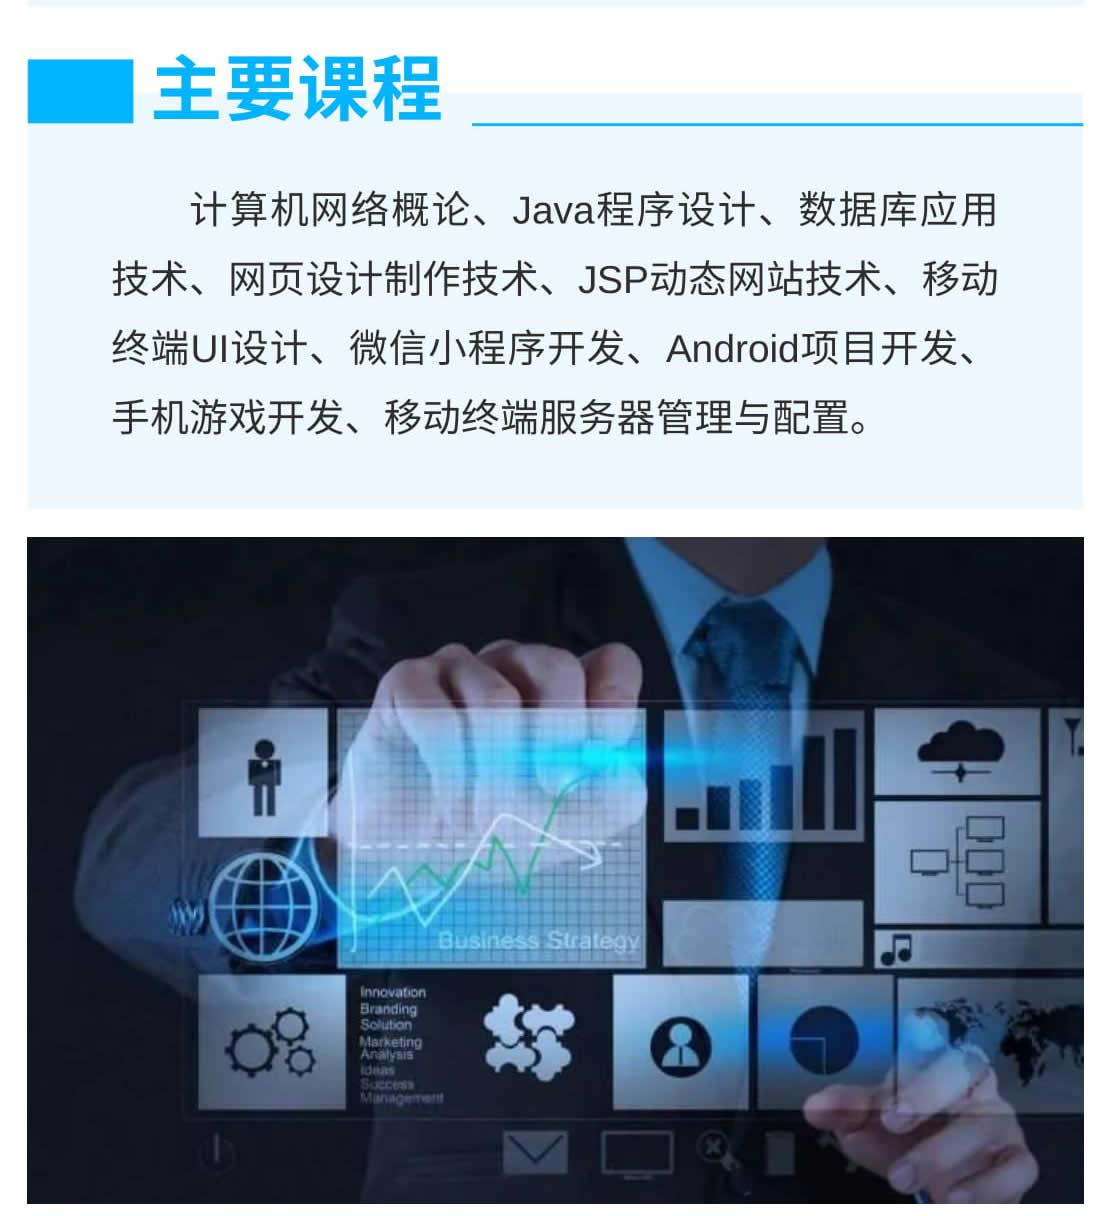 移动互联网应用技术(高中起点三年制)-1_r2_c1.jpg